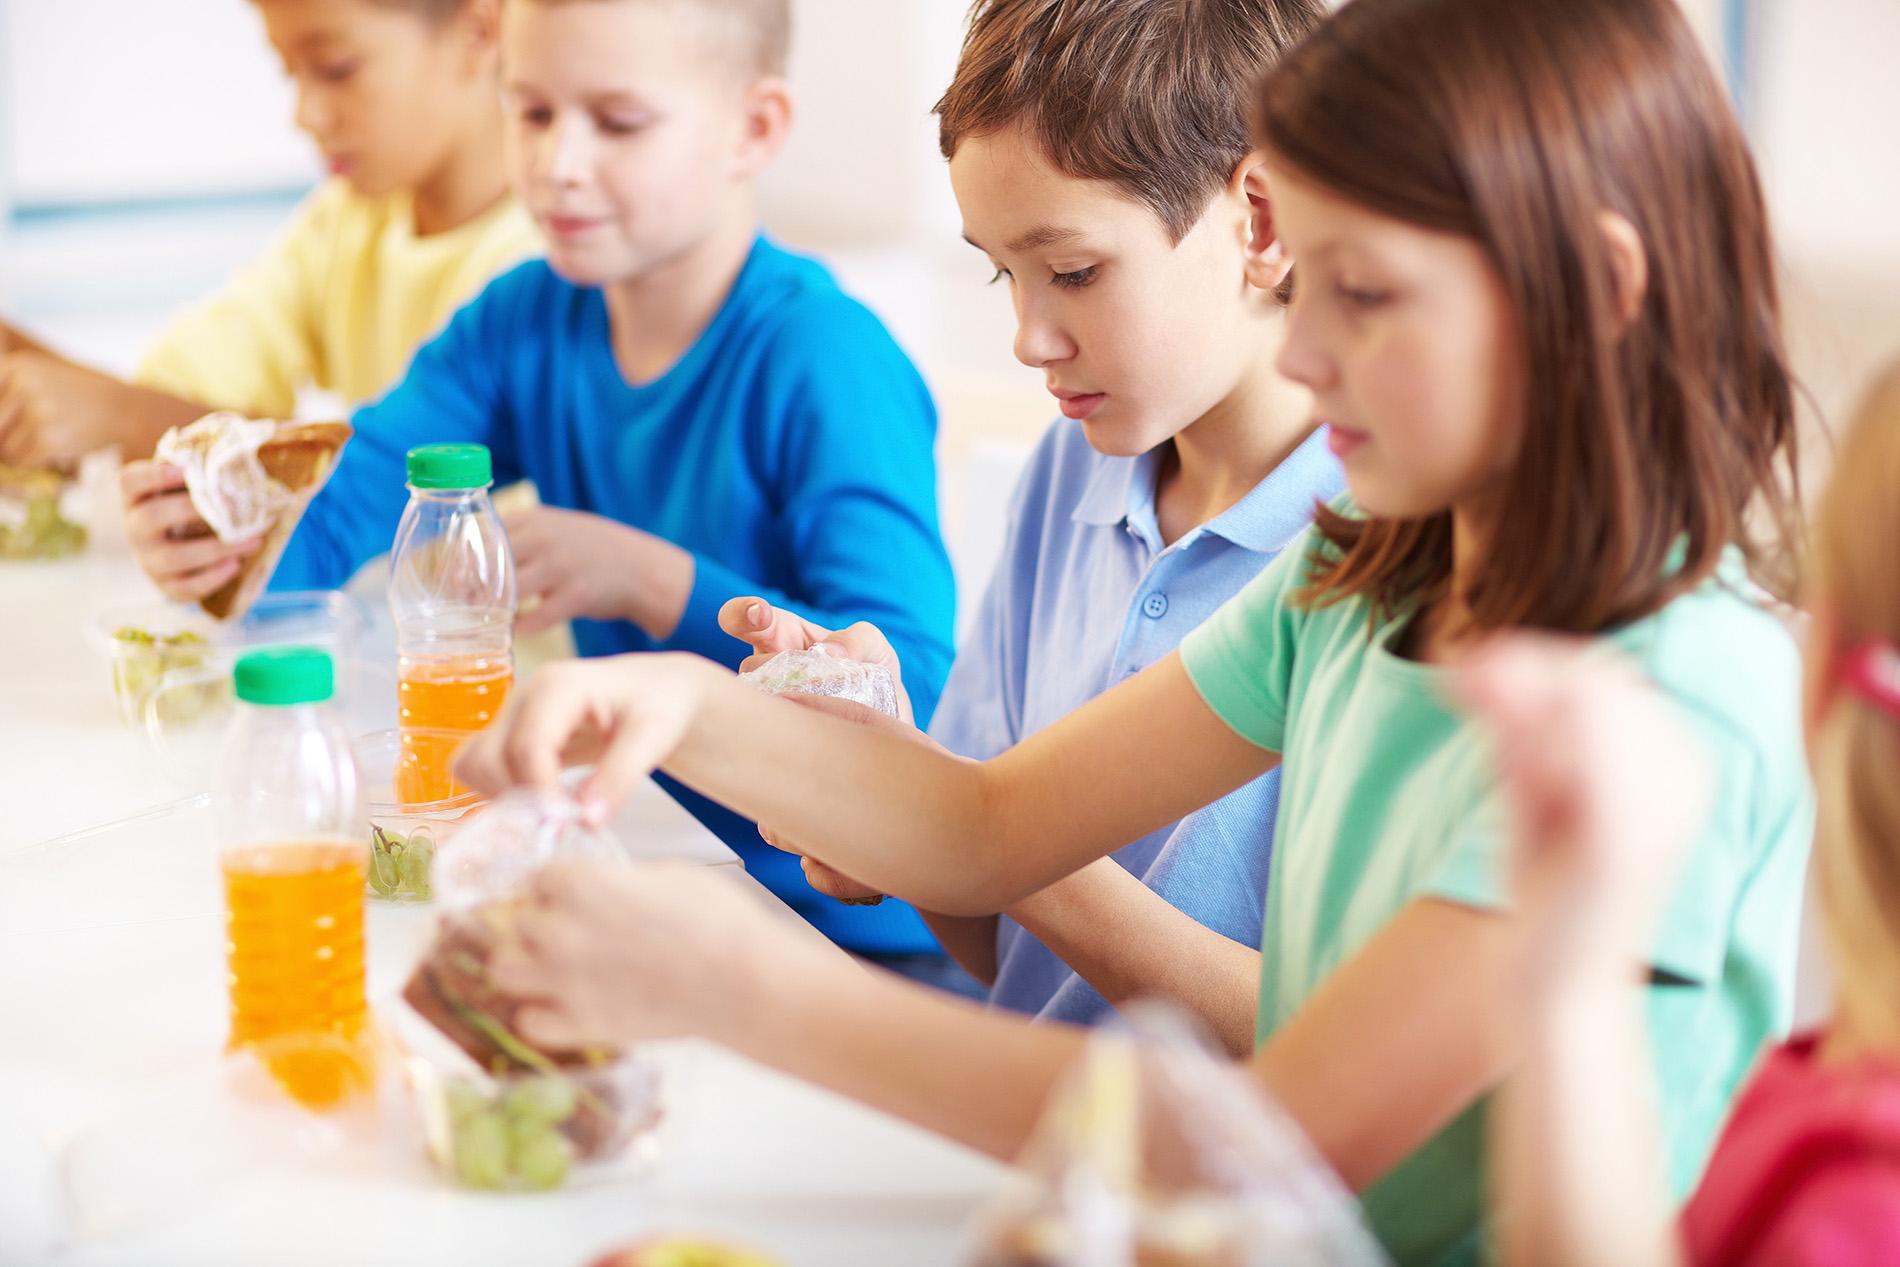 Hay que tener en cuenta que no todos los chicos son iguales y por lo tanto no necesitan lo mismo desde el punto de vista nutricional.